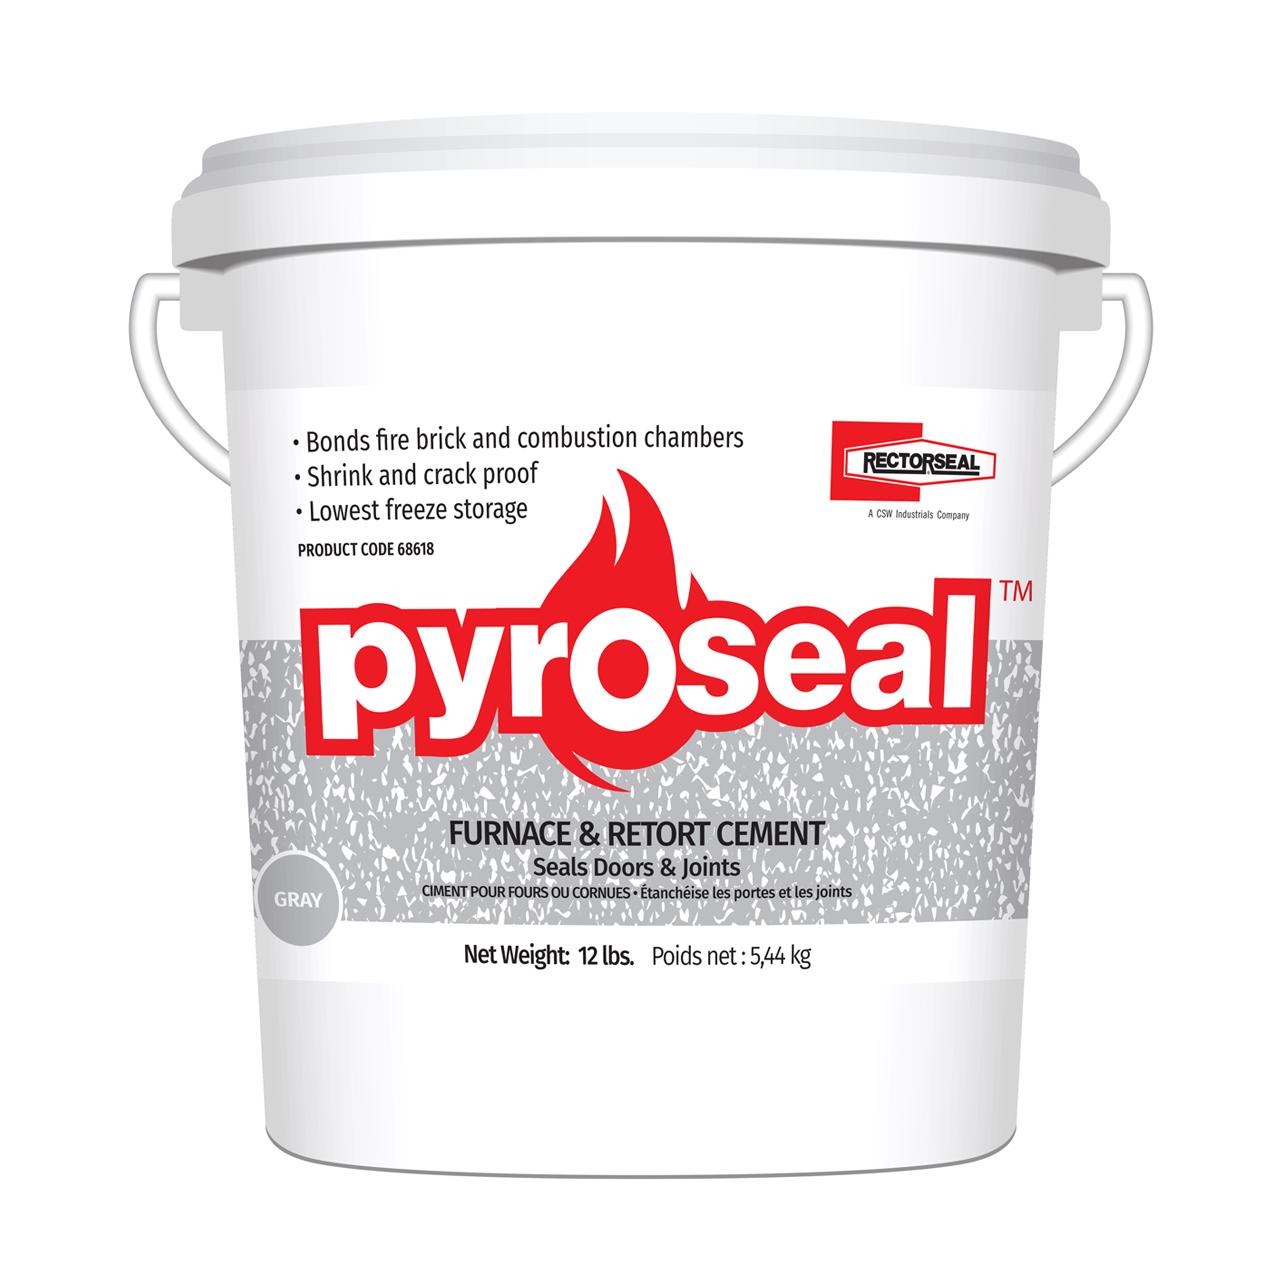 Pyroseal